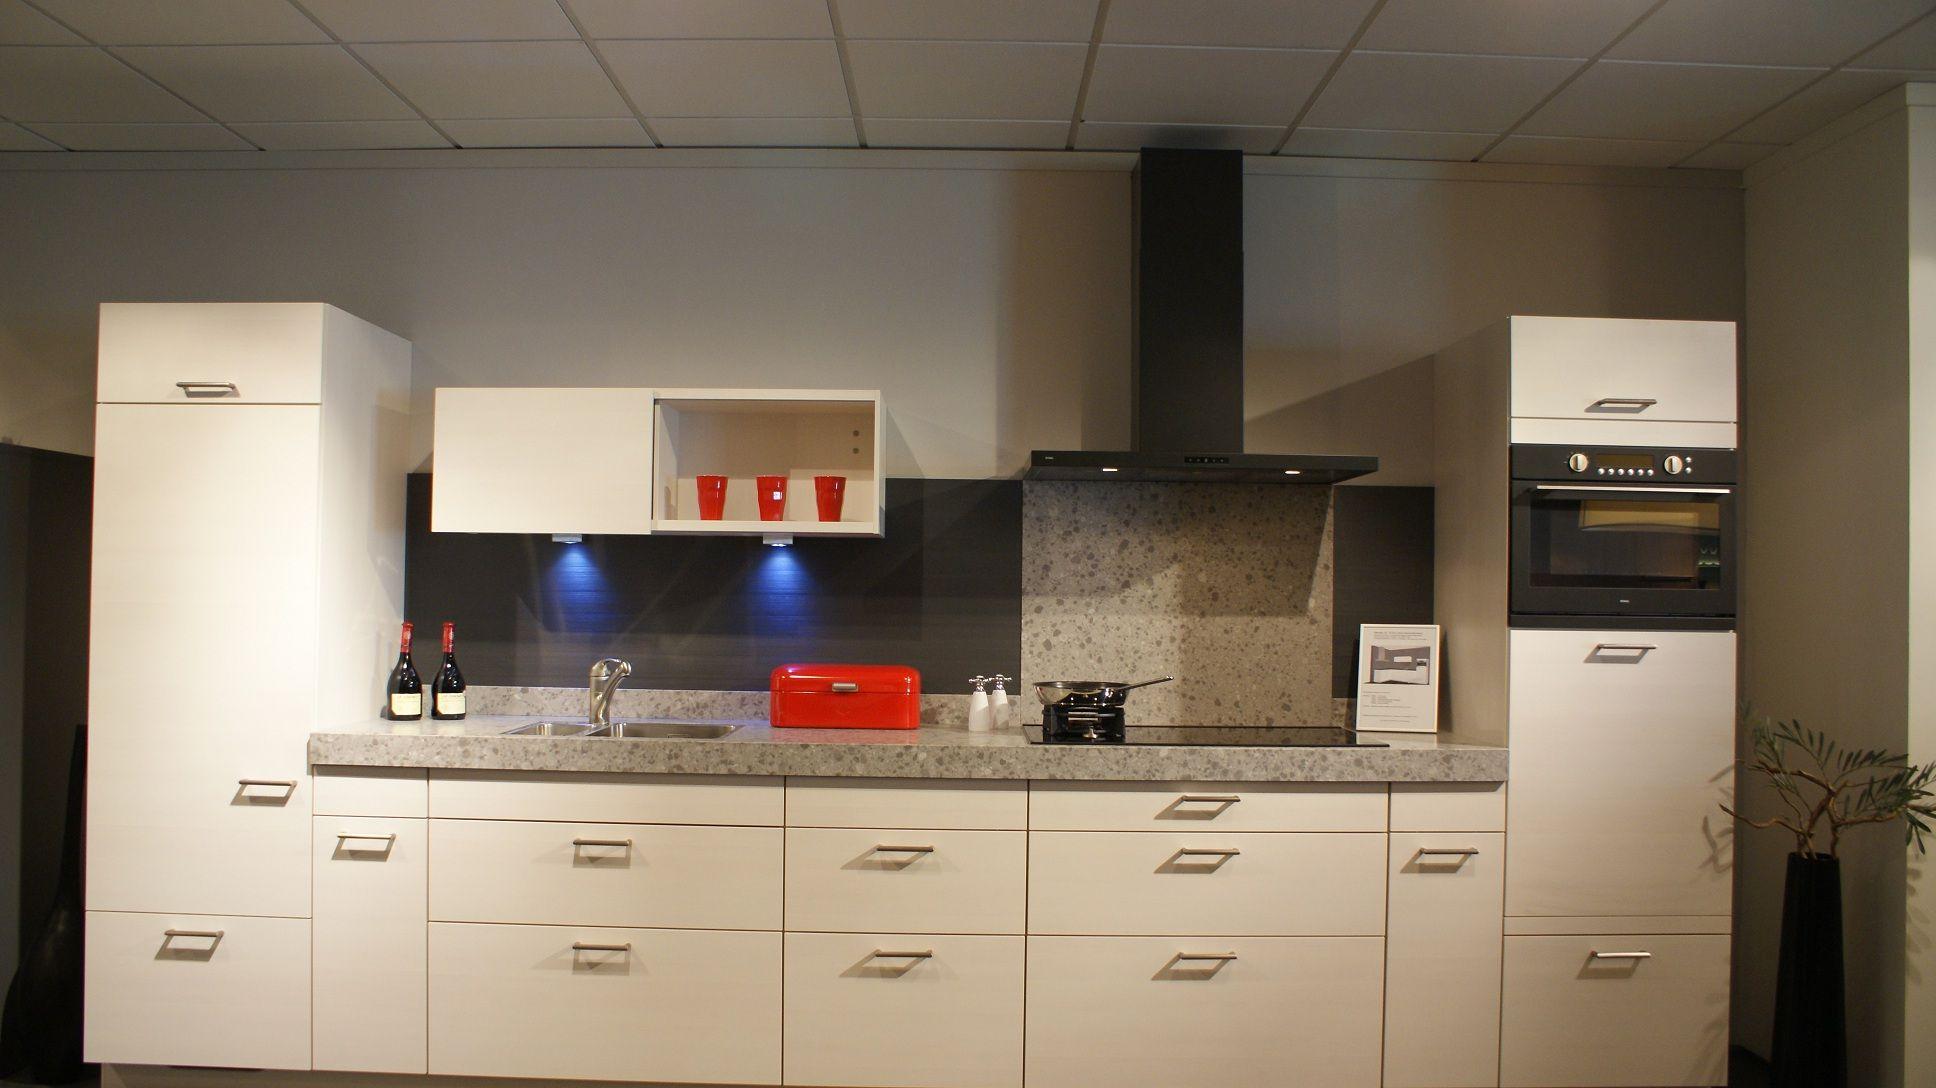 Siematic showroomkeukens siematic showroomkeuken aanbiedingen siematic sc10 48687 - Modele en ingerichte keuken ...